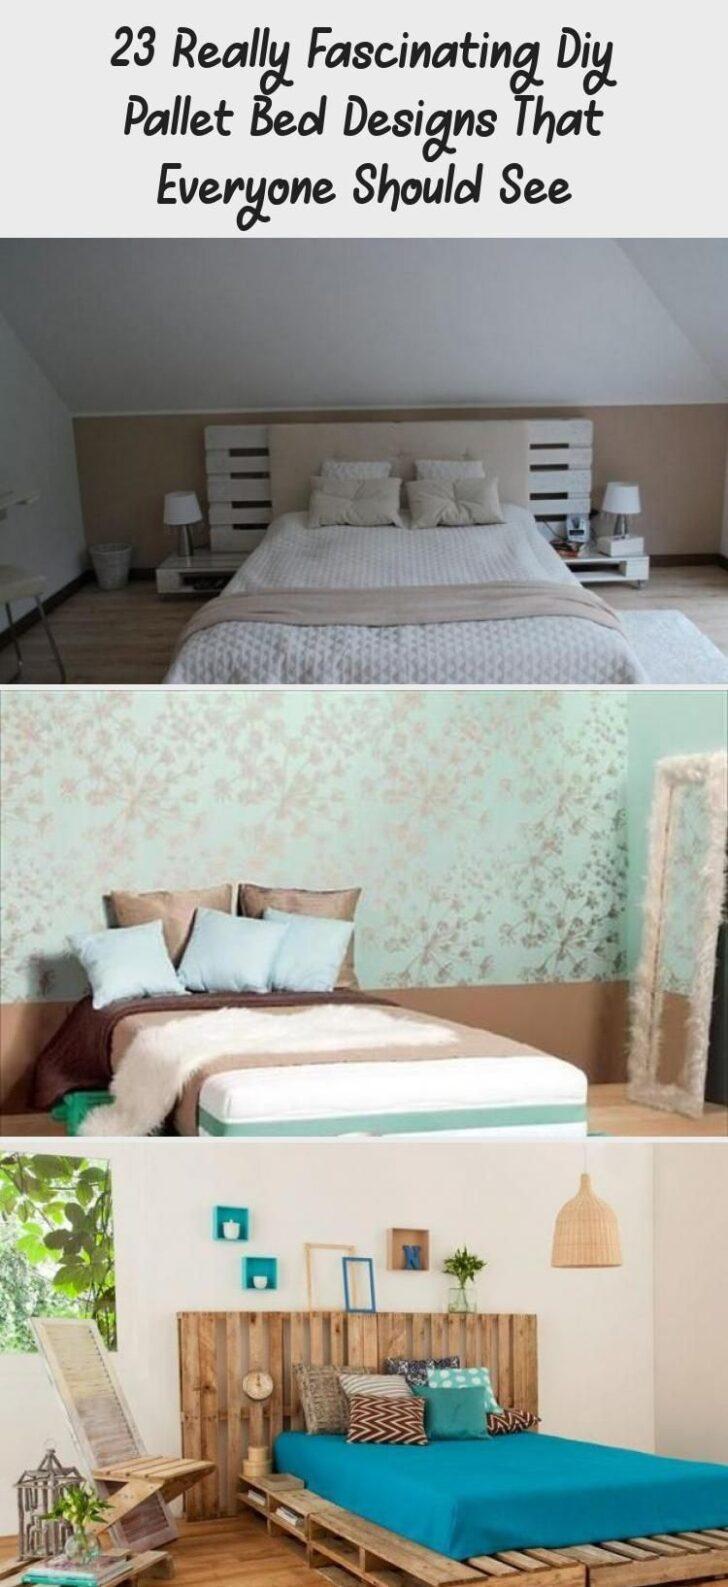 Medium Size of Palettenbett Ikea 23 Wirklich Faszinierende Diy Designs Küche Kaufen Sofa Mit Schlaffunktion Betten Bei 160x200 Miniküche Modulküche Kosten Wohnzimmer Palettenbett Ikea